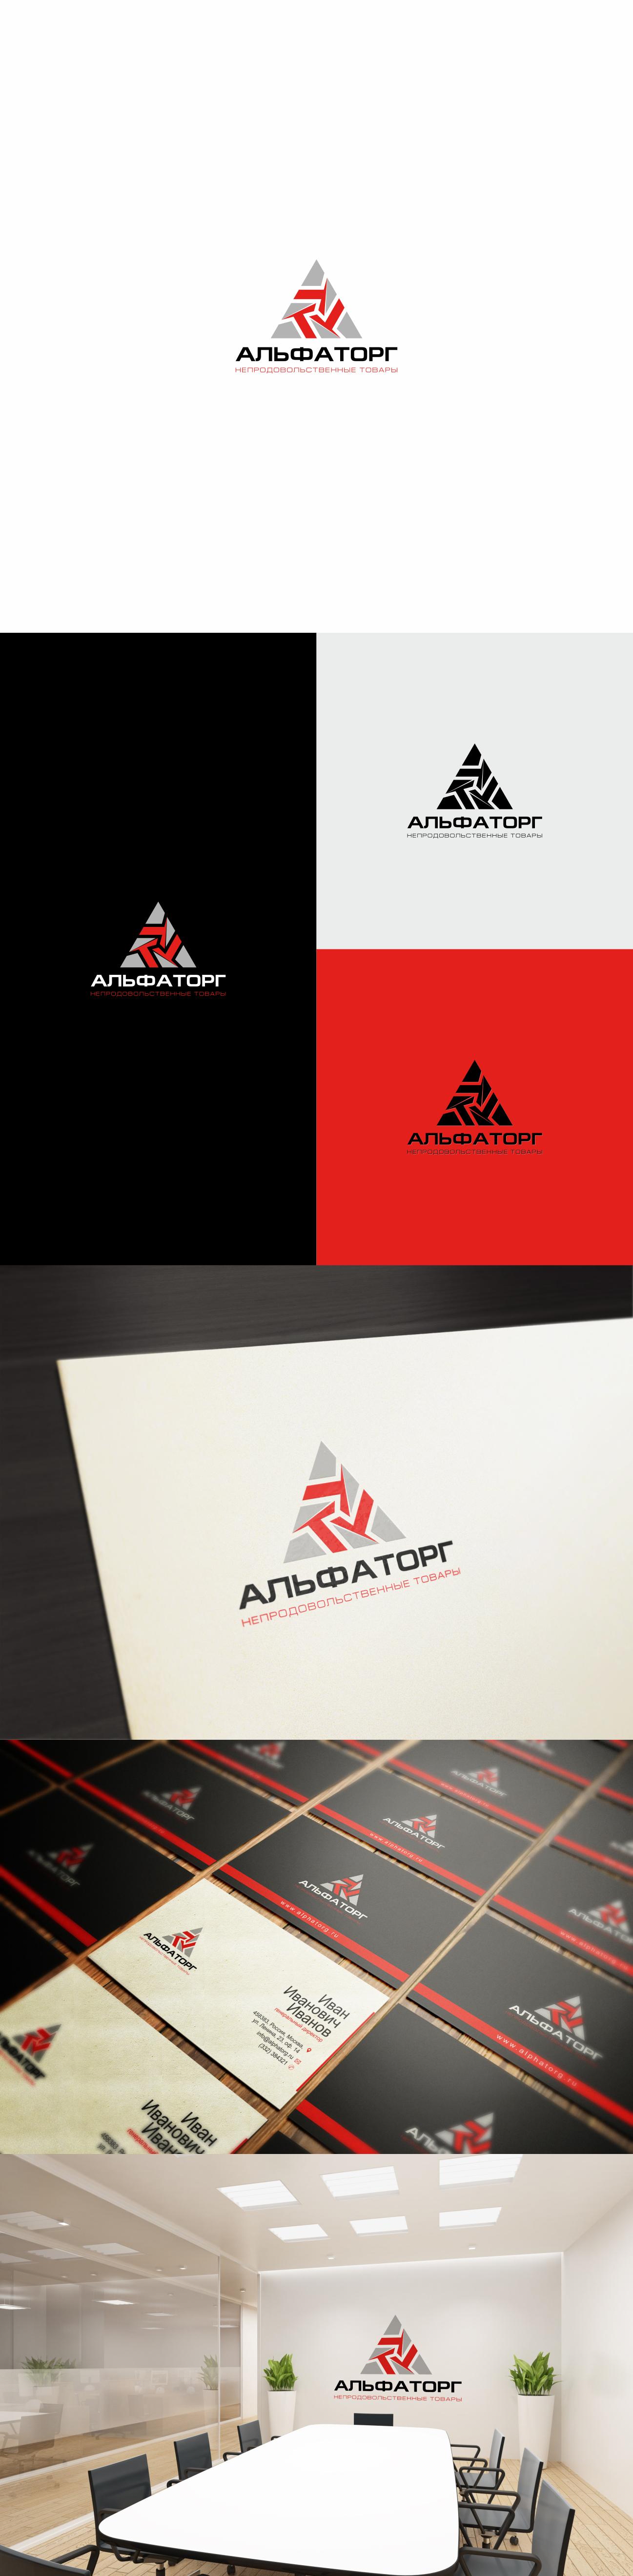 Логотип и фирменный стиль фото f_7955f04b96c652e2.jpg